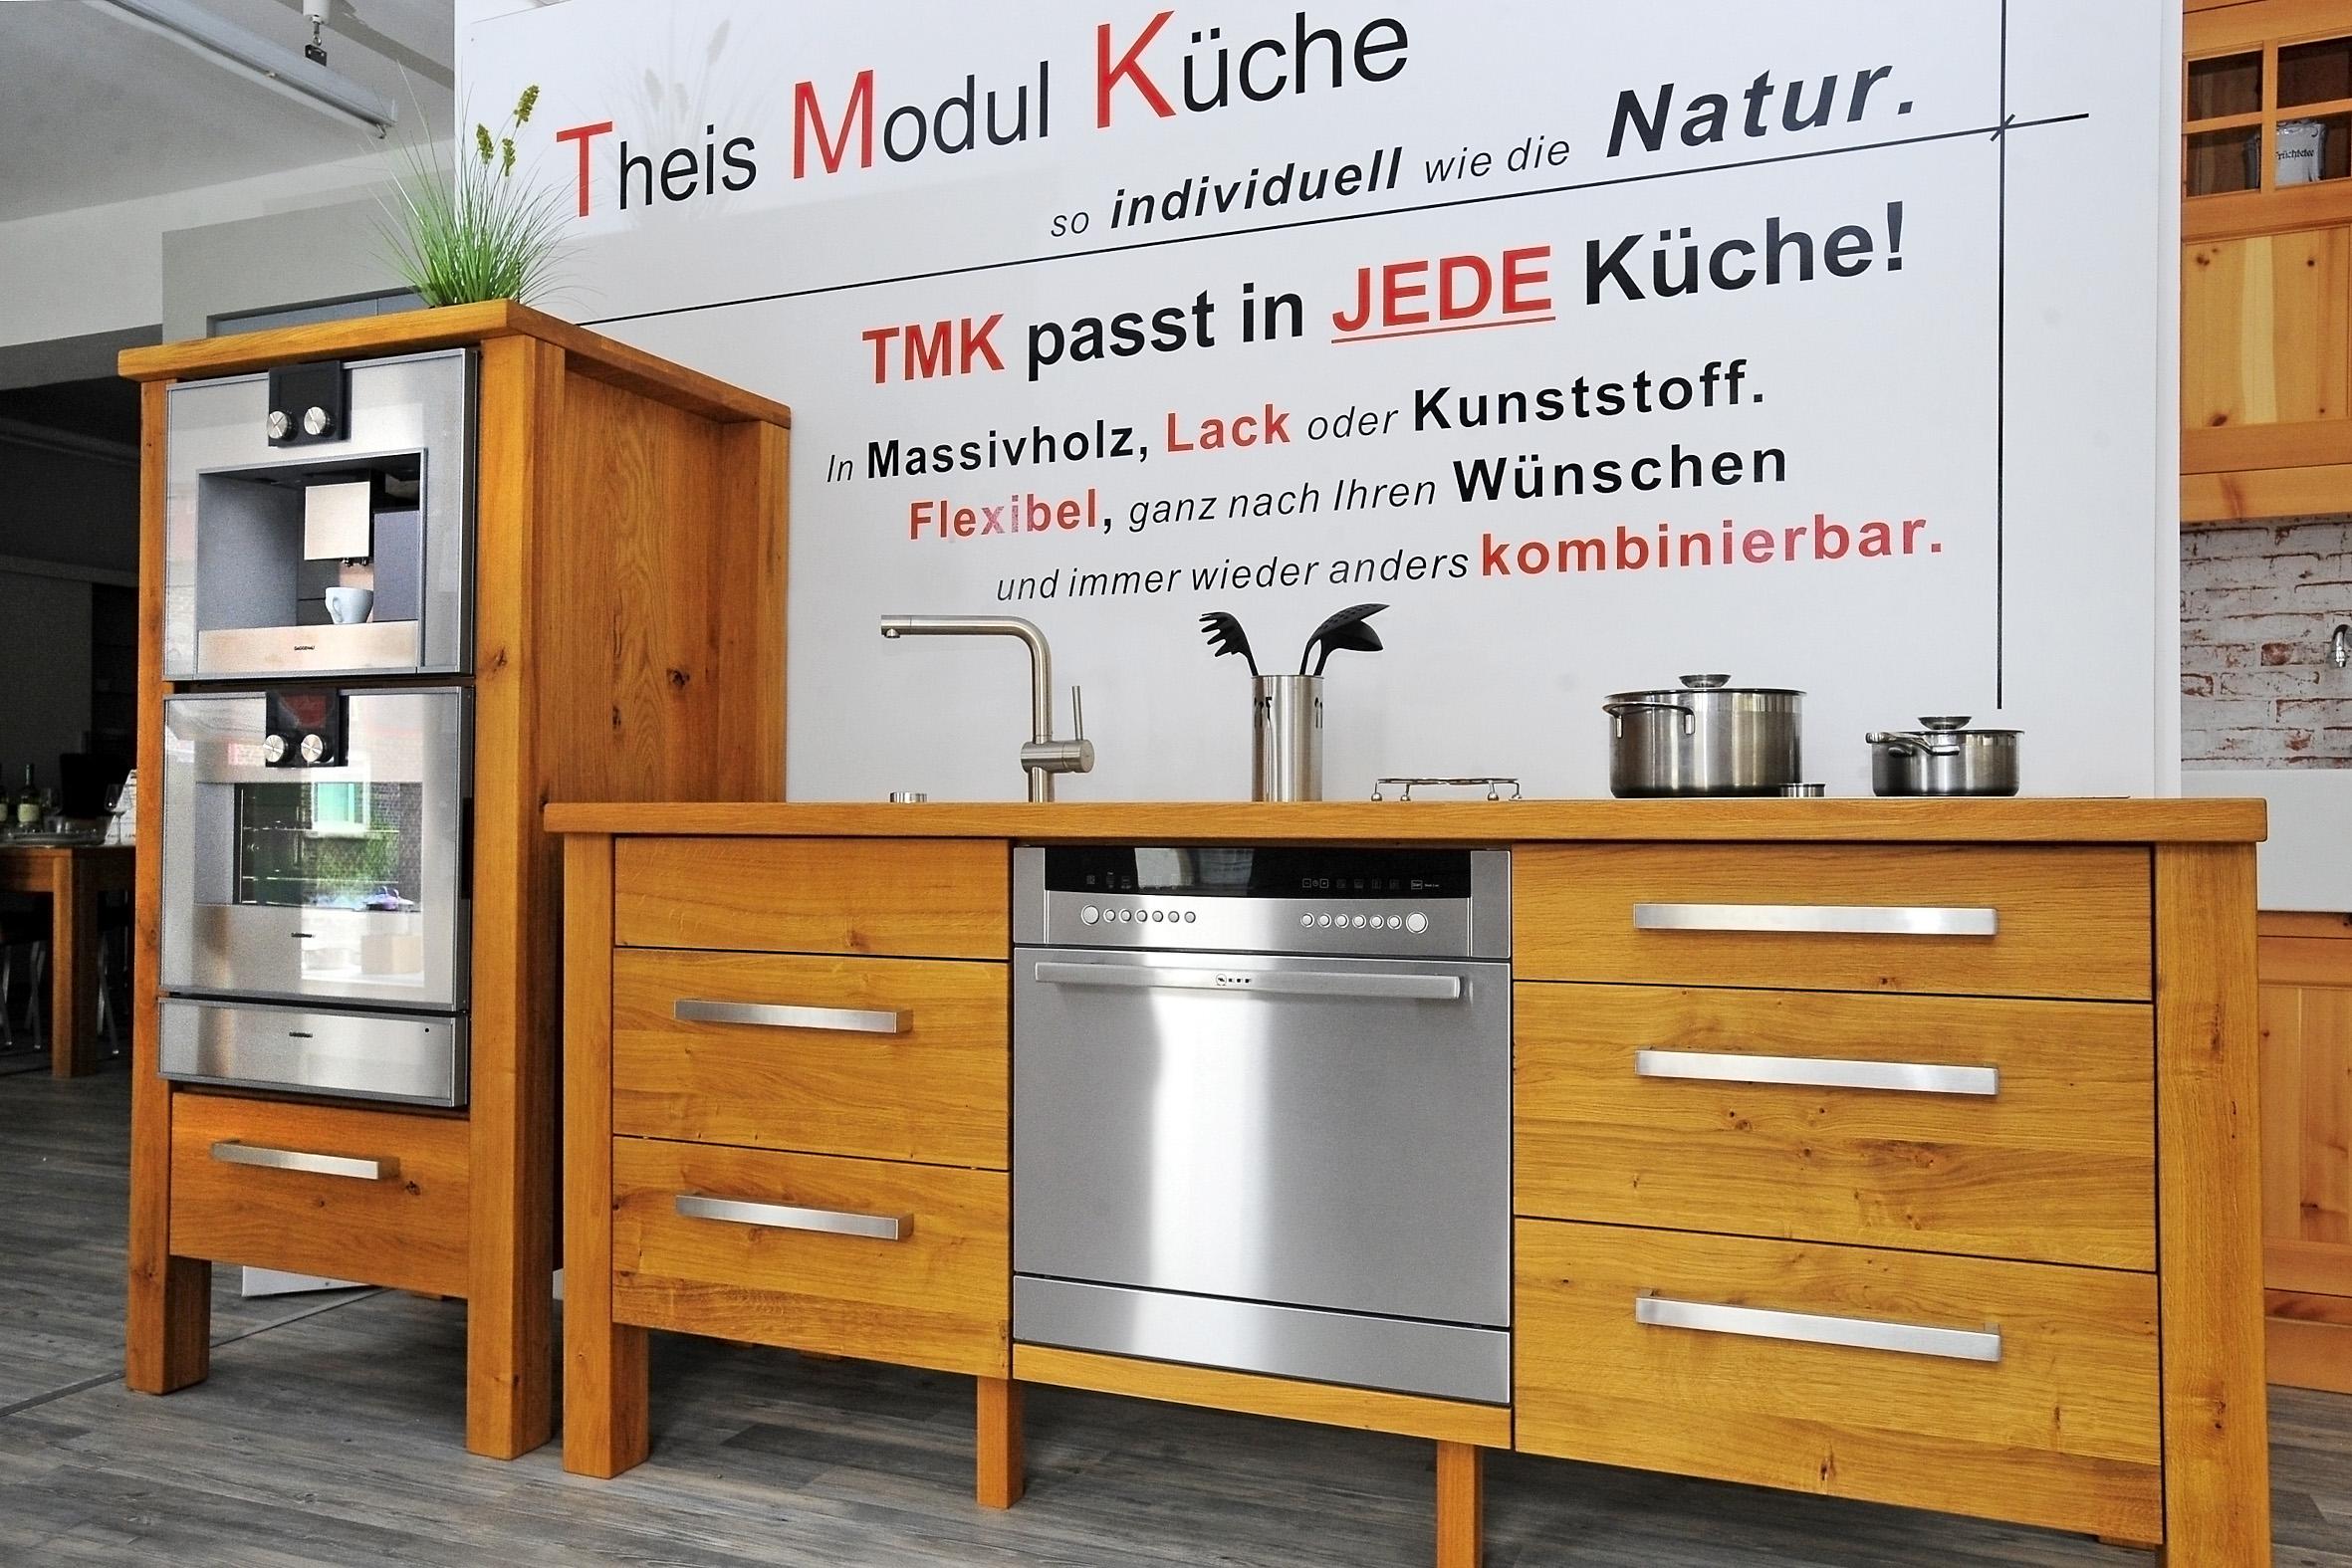 Full Size of Eigene Herstellung Modulkche Theiskchen Edelstahlküche Gebraucht Modulküche Holz Edelstahl Garten Ikea Outdoor Küche Wohnzimmer Modulküche Edelstahl